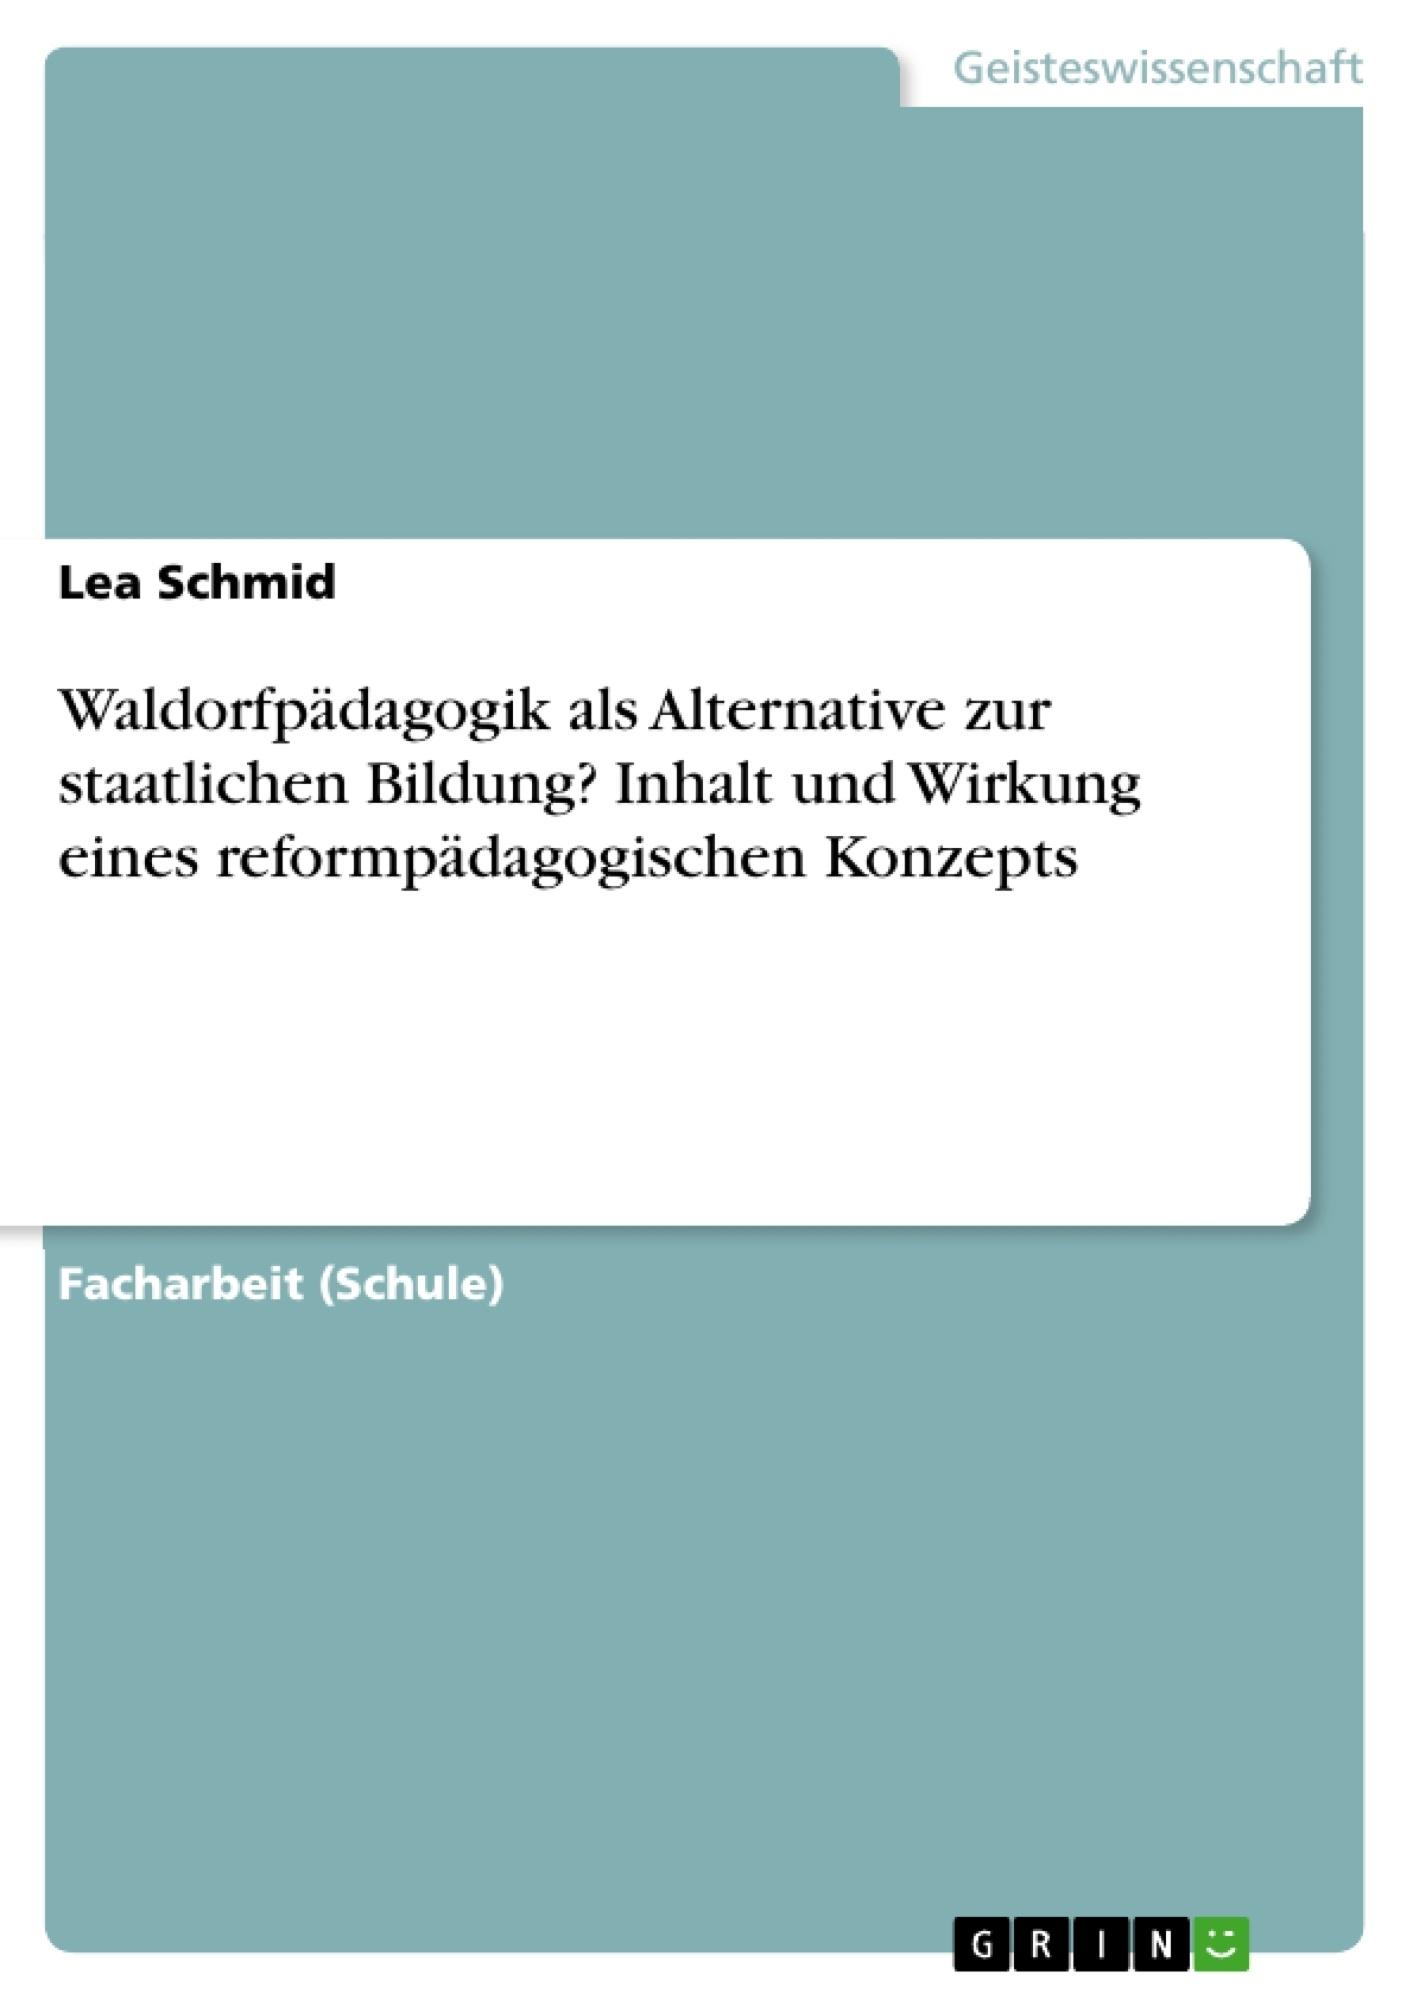 Titel: Waldorfpädagogik als Alternative zur staatlichen Bildung? Inhalt und Wirkung eines reformpädagogischen Konzepts